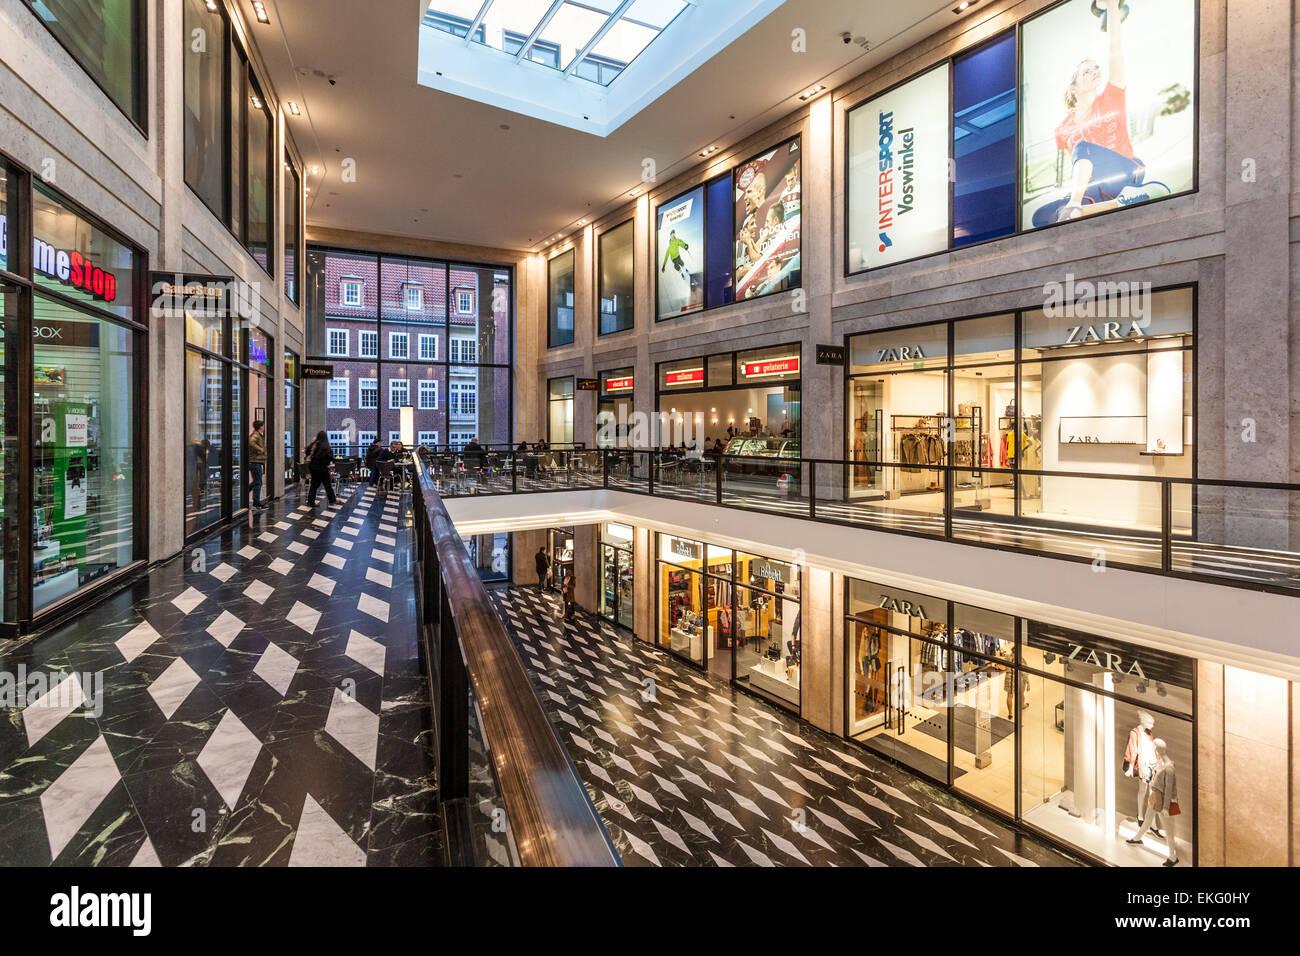 Interior of the Modern Shopping Center Munsterarkaden in Muenster, Germany - Stock Image